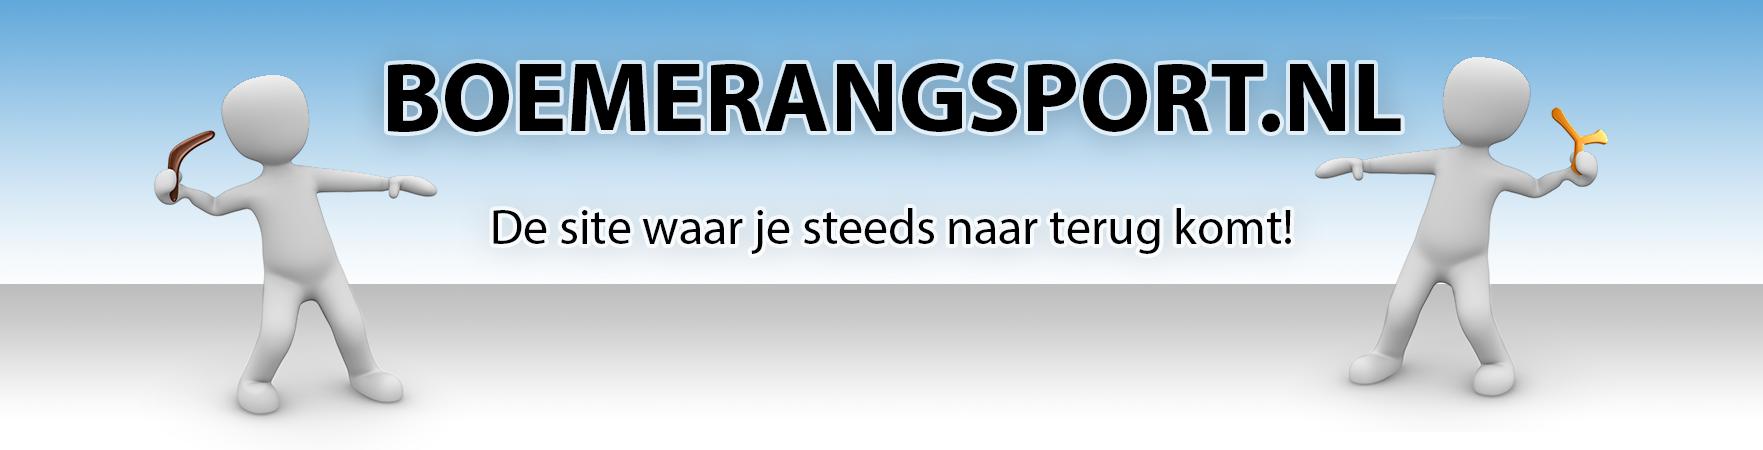 Boemerangsport.nl